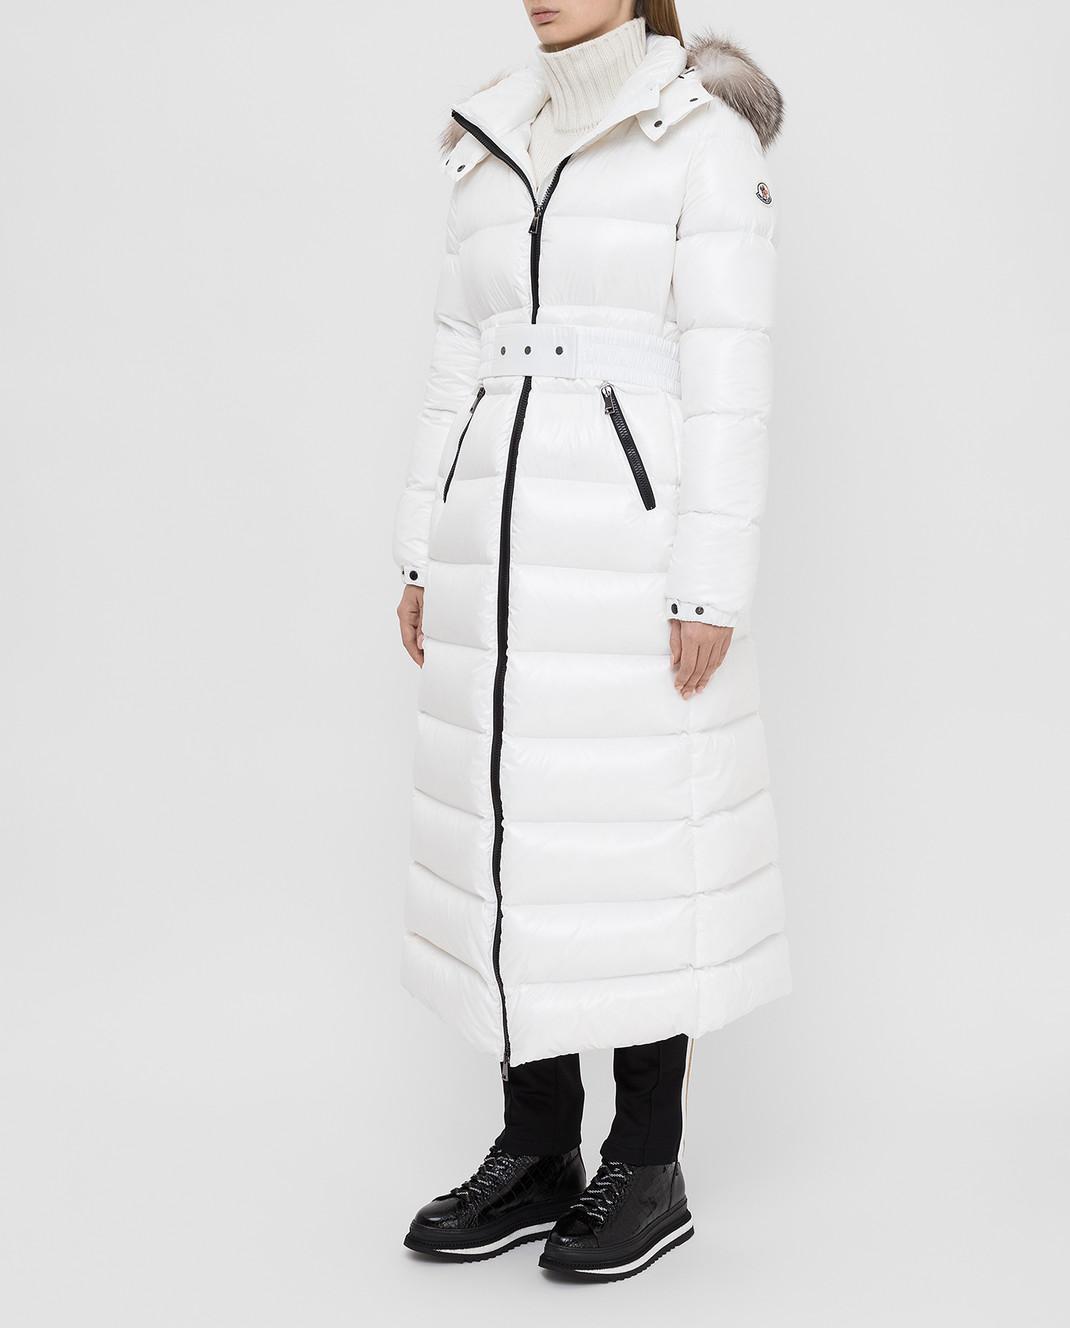 Moncler Белый пуховик с мехом лисы 4984525C0065 изображение 3